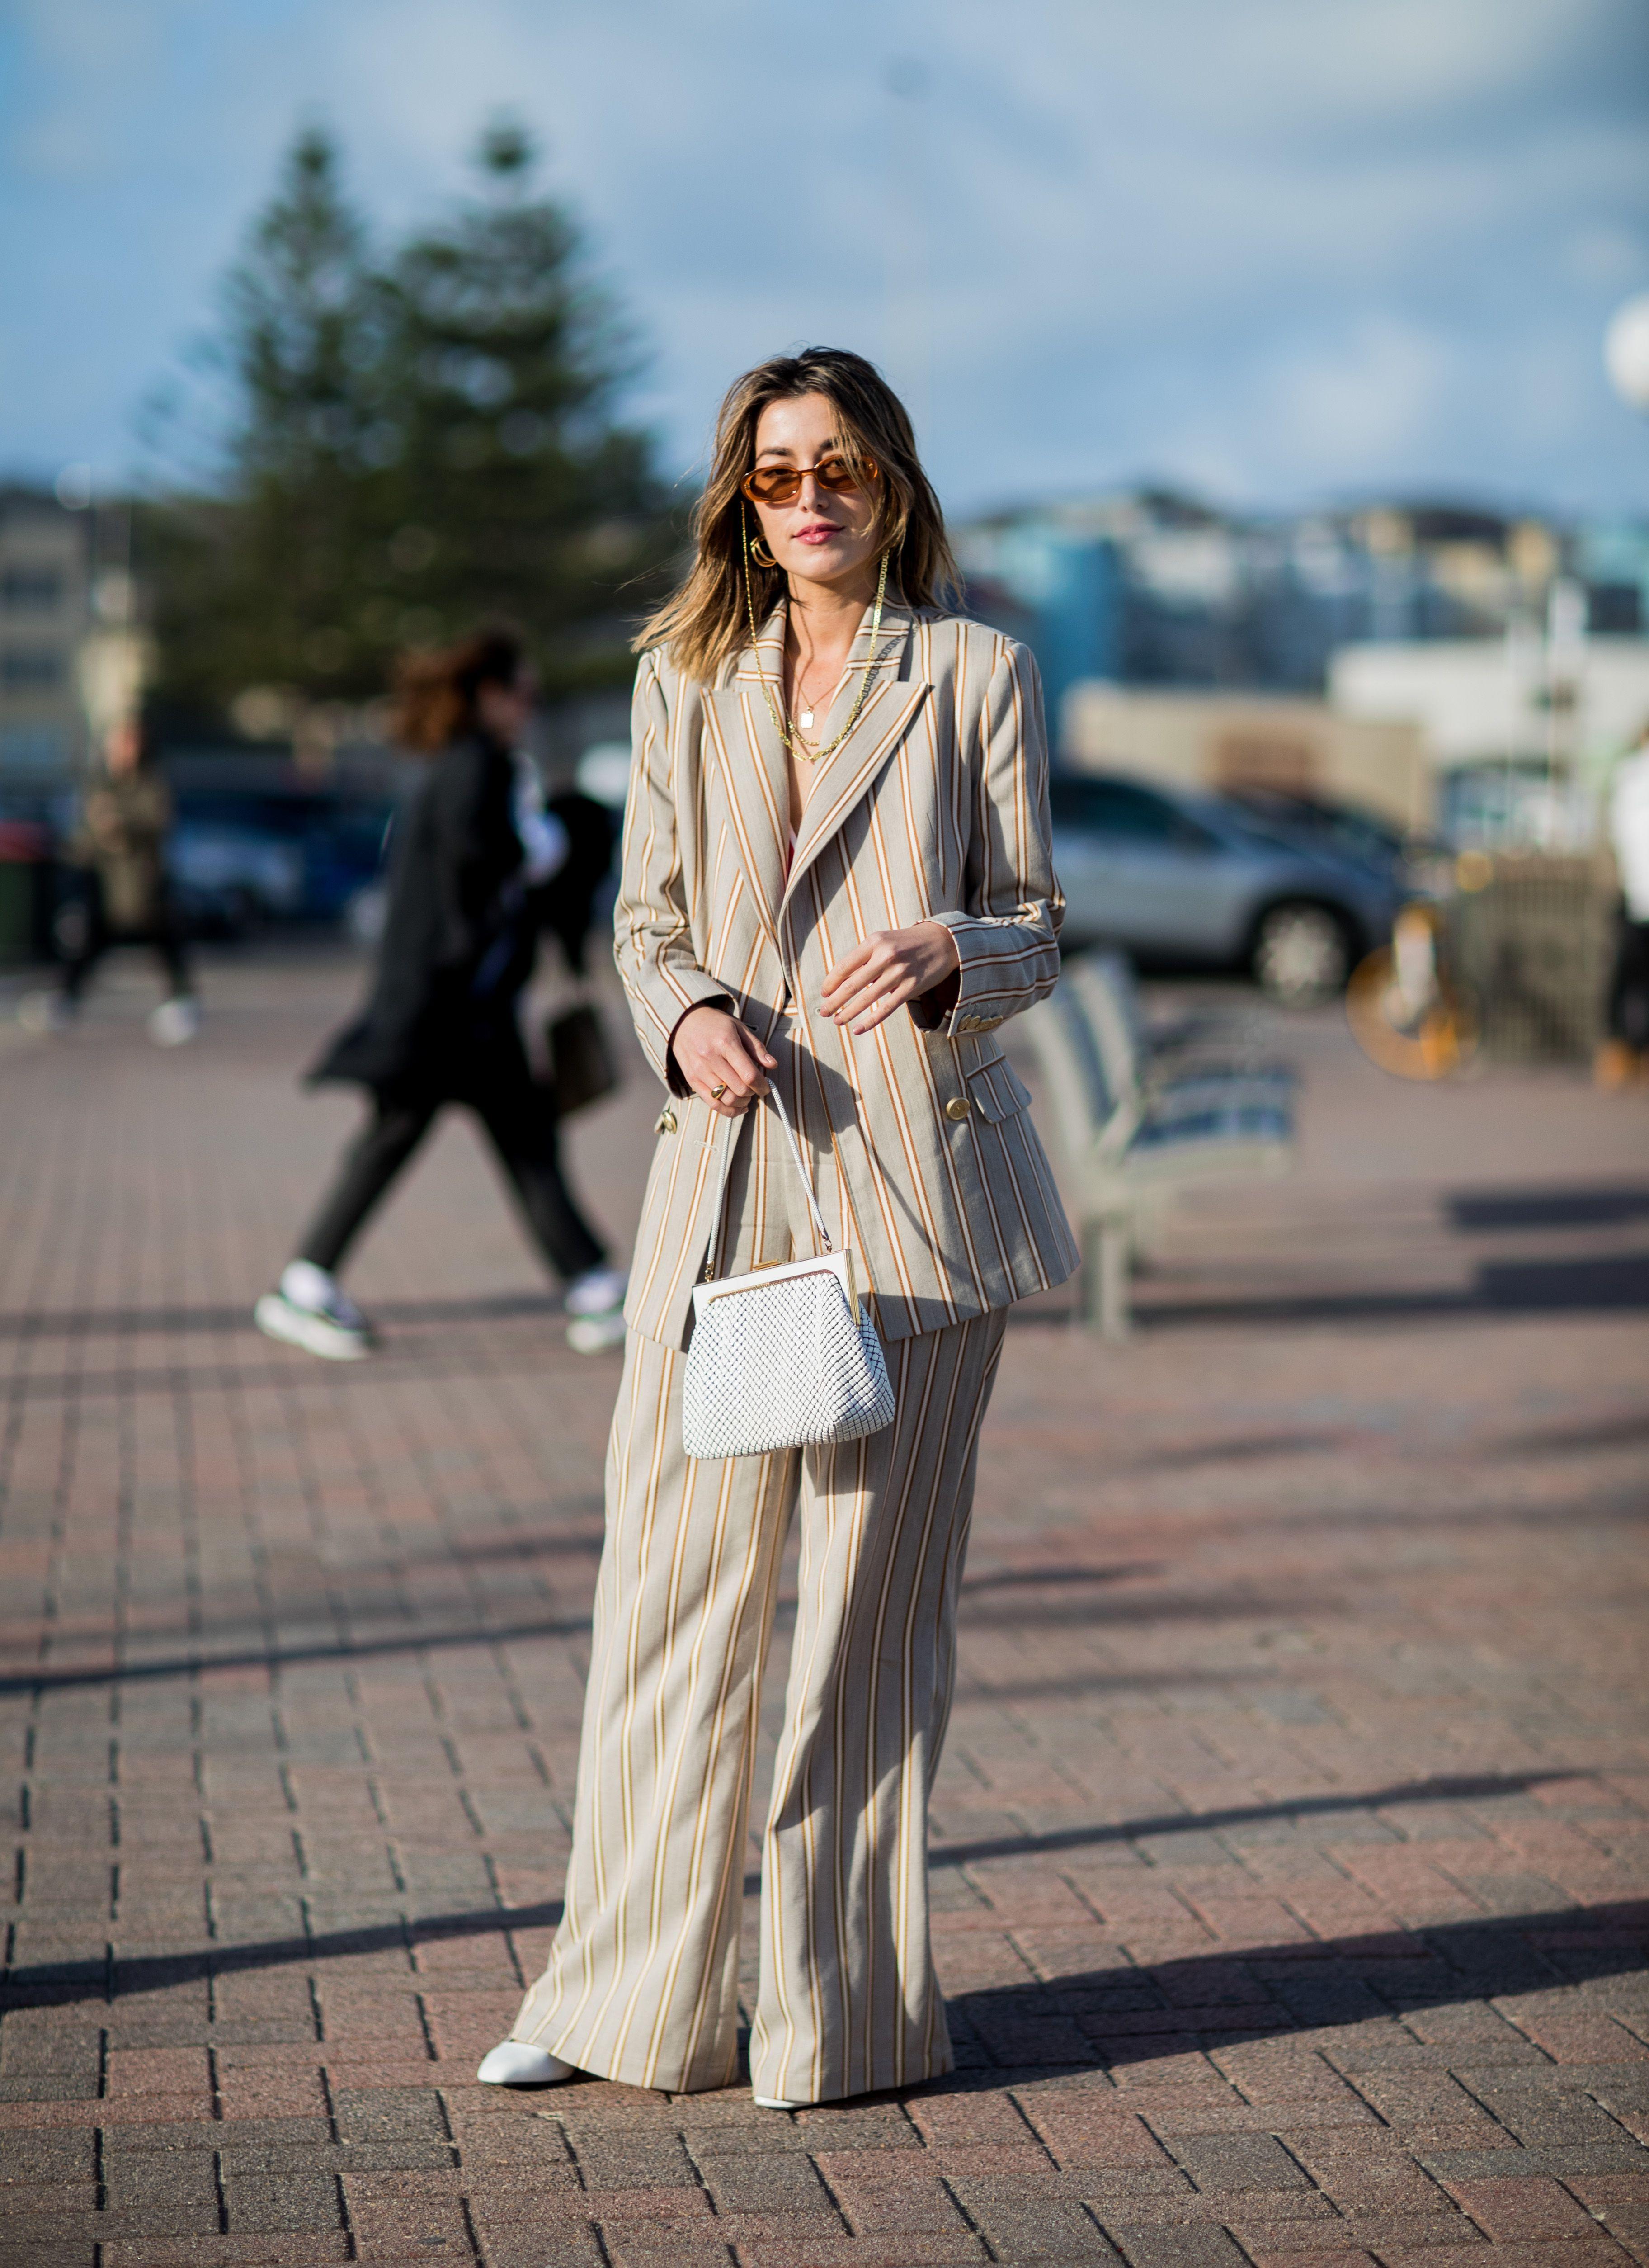 Tailleur 2018Come Quali Abbinarli E Asap Con Eleganti Pantaloni Avere 3RjA54L